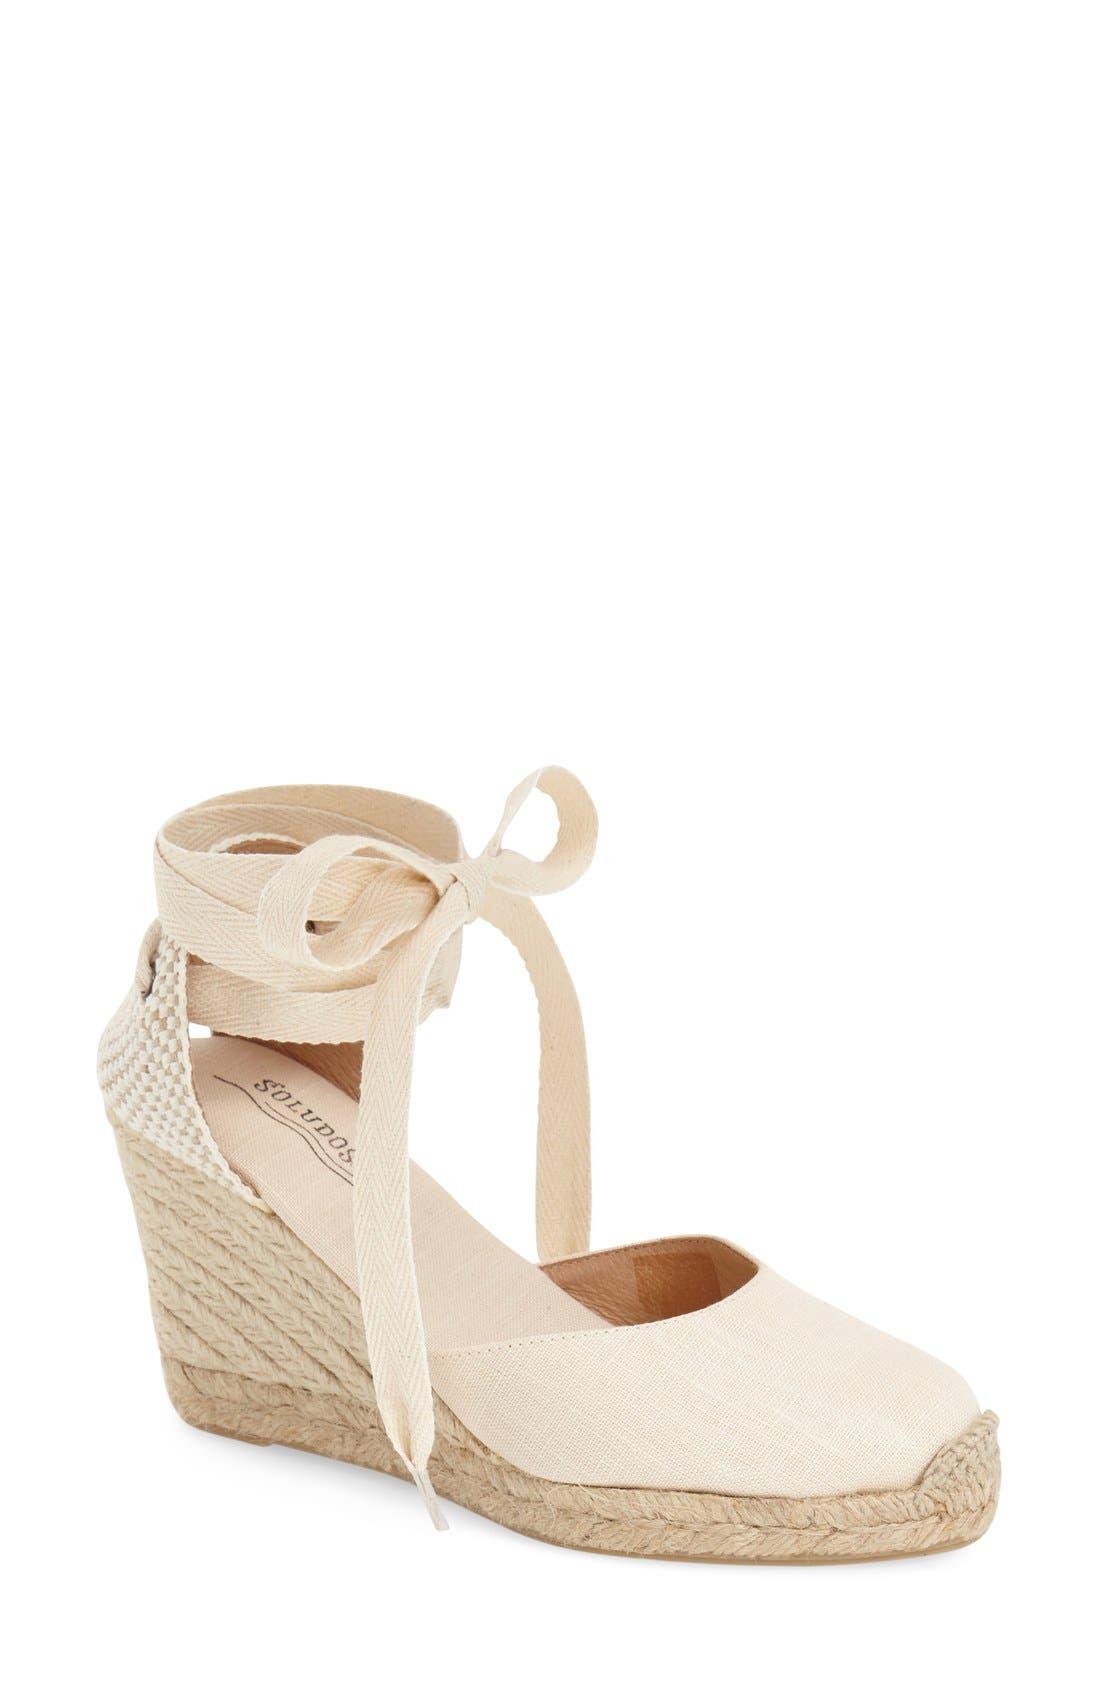 Wedge Lace-Up Espadrille Sandal,                         Main,                         color, Blush Linen